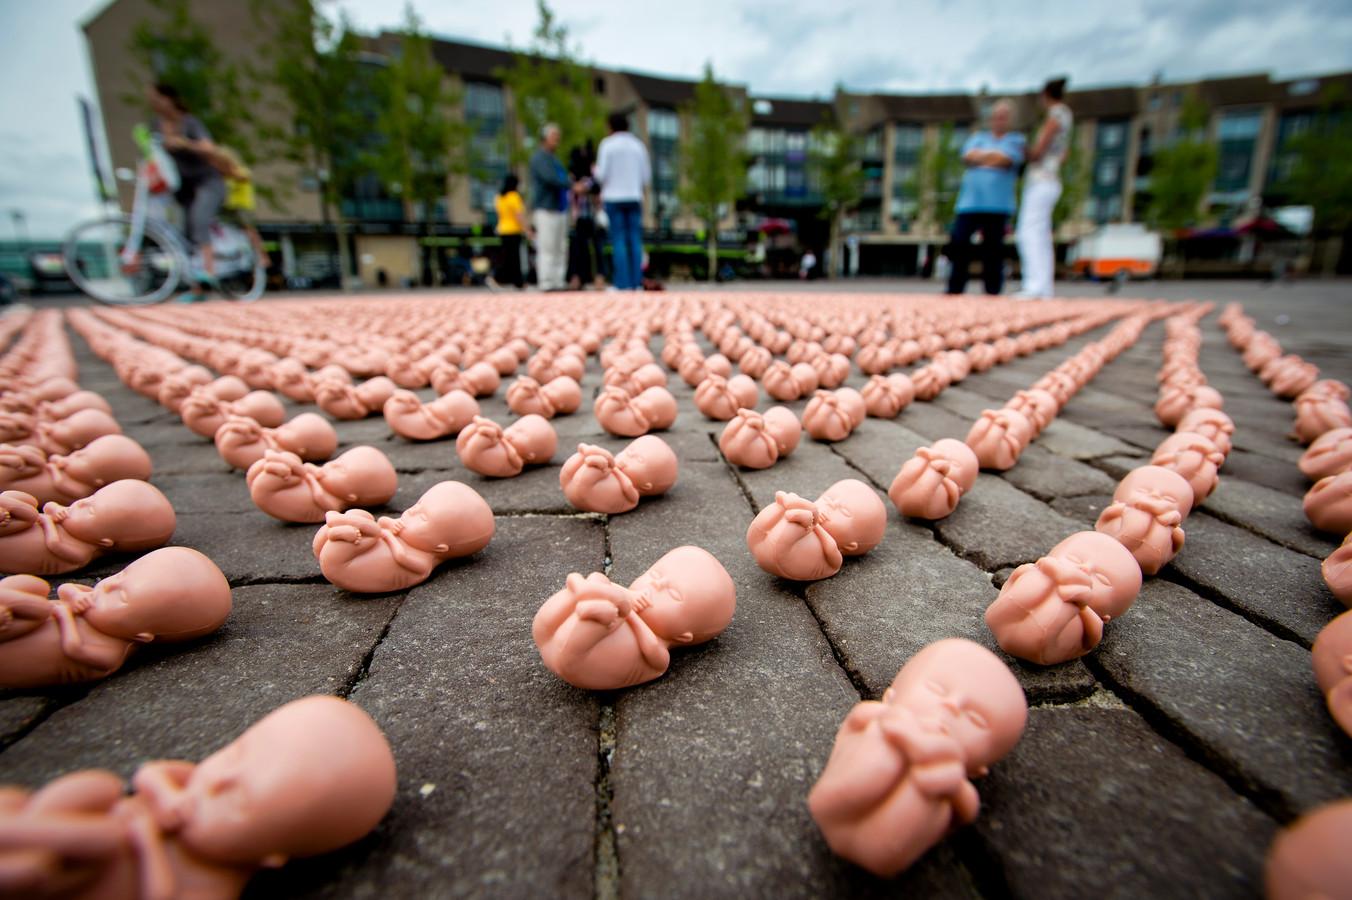 Een anti-abortusprotest van de christelijke organisatie Schreeuw om Leven. ANP ROBIN VAN LONKHUIJSEN